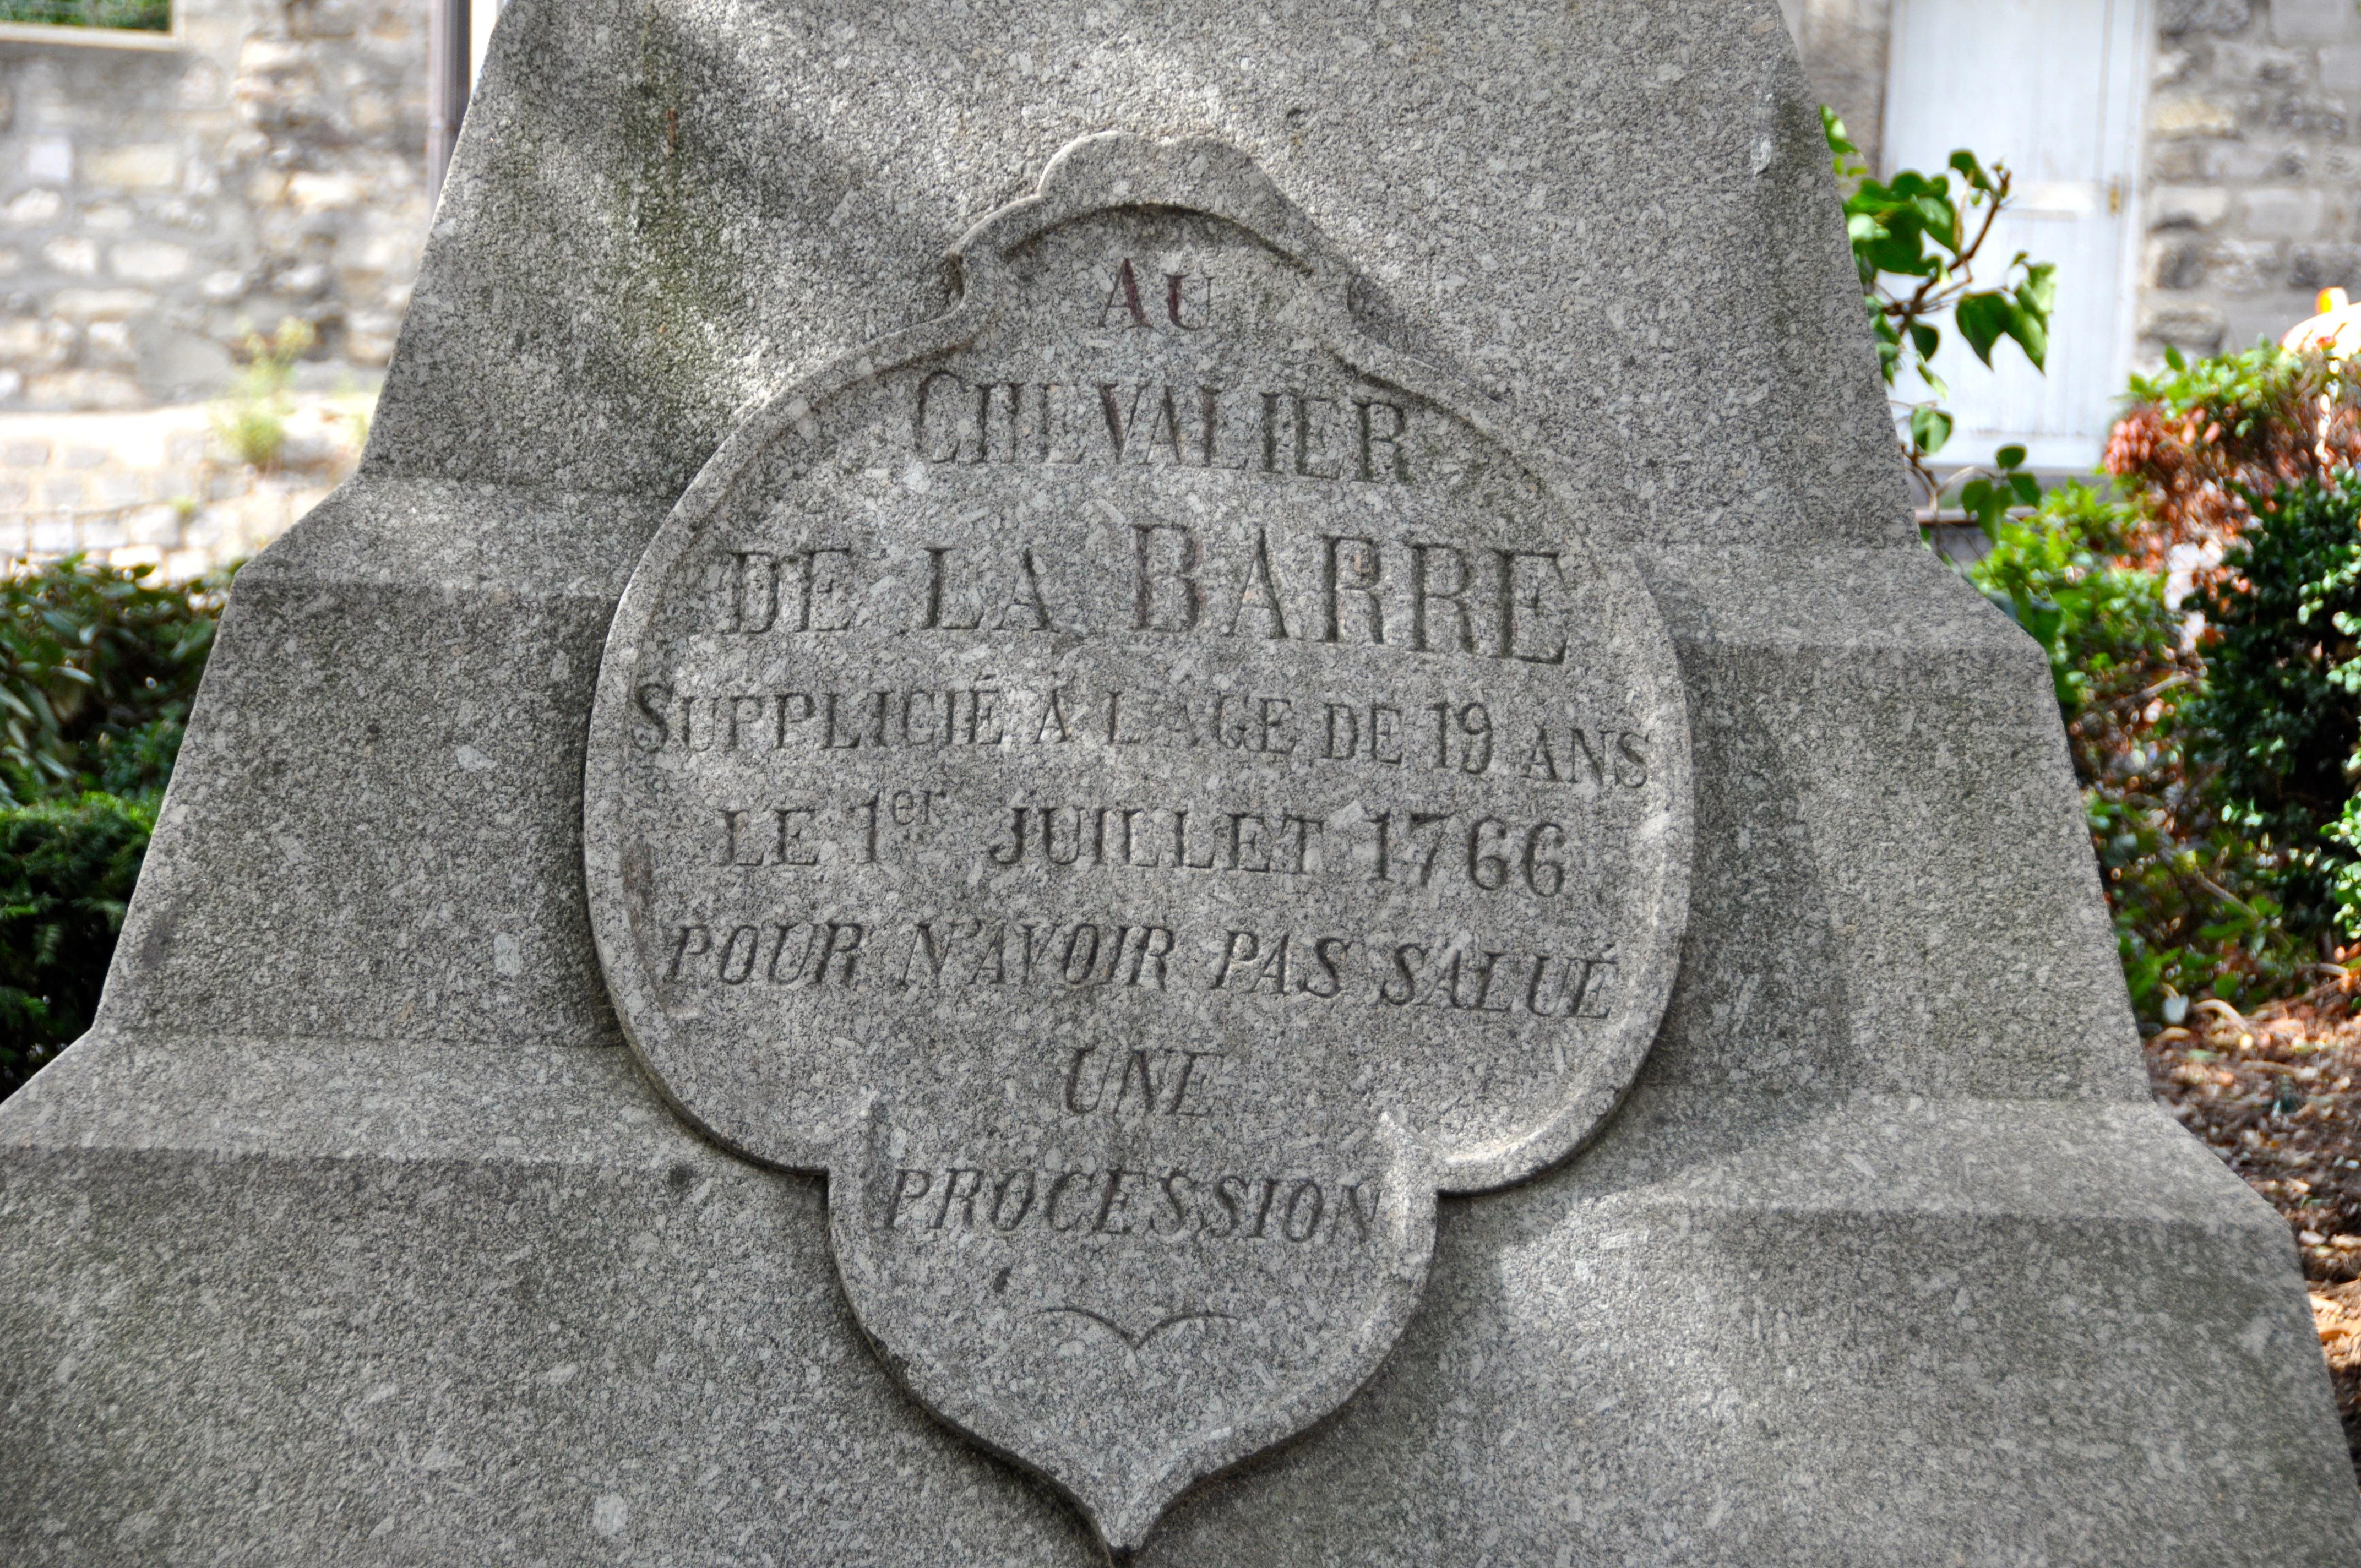 Socle de la statue du Chevalier de La Barre, Square Nadar, Montmartre, Paris